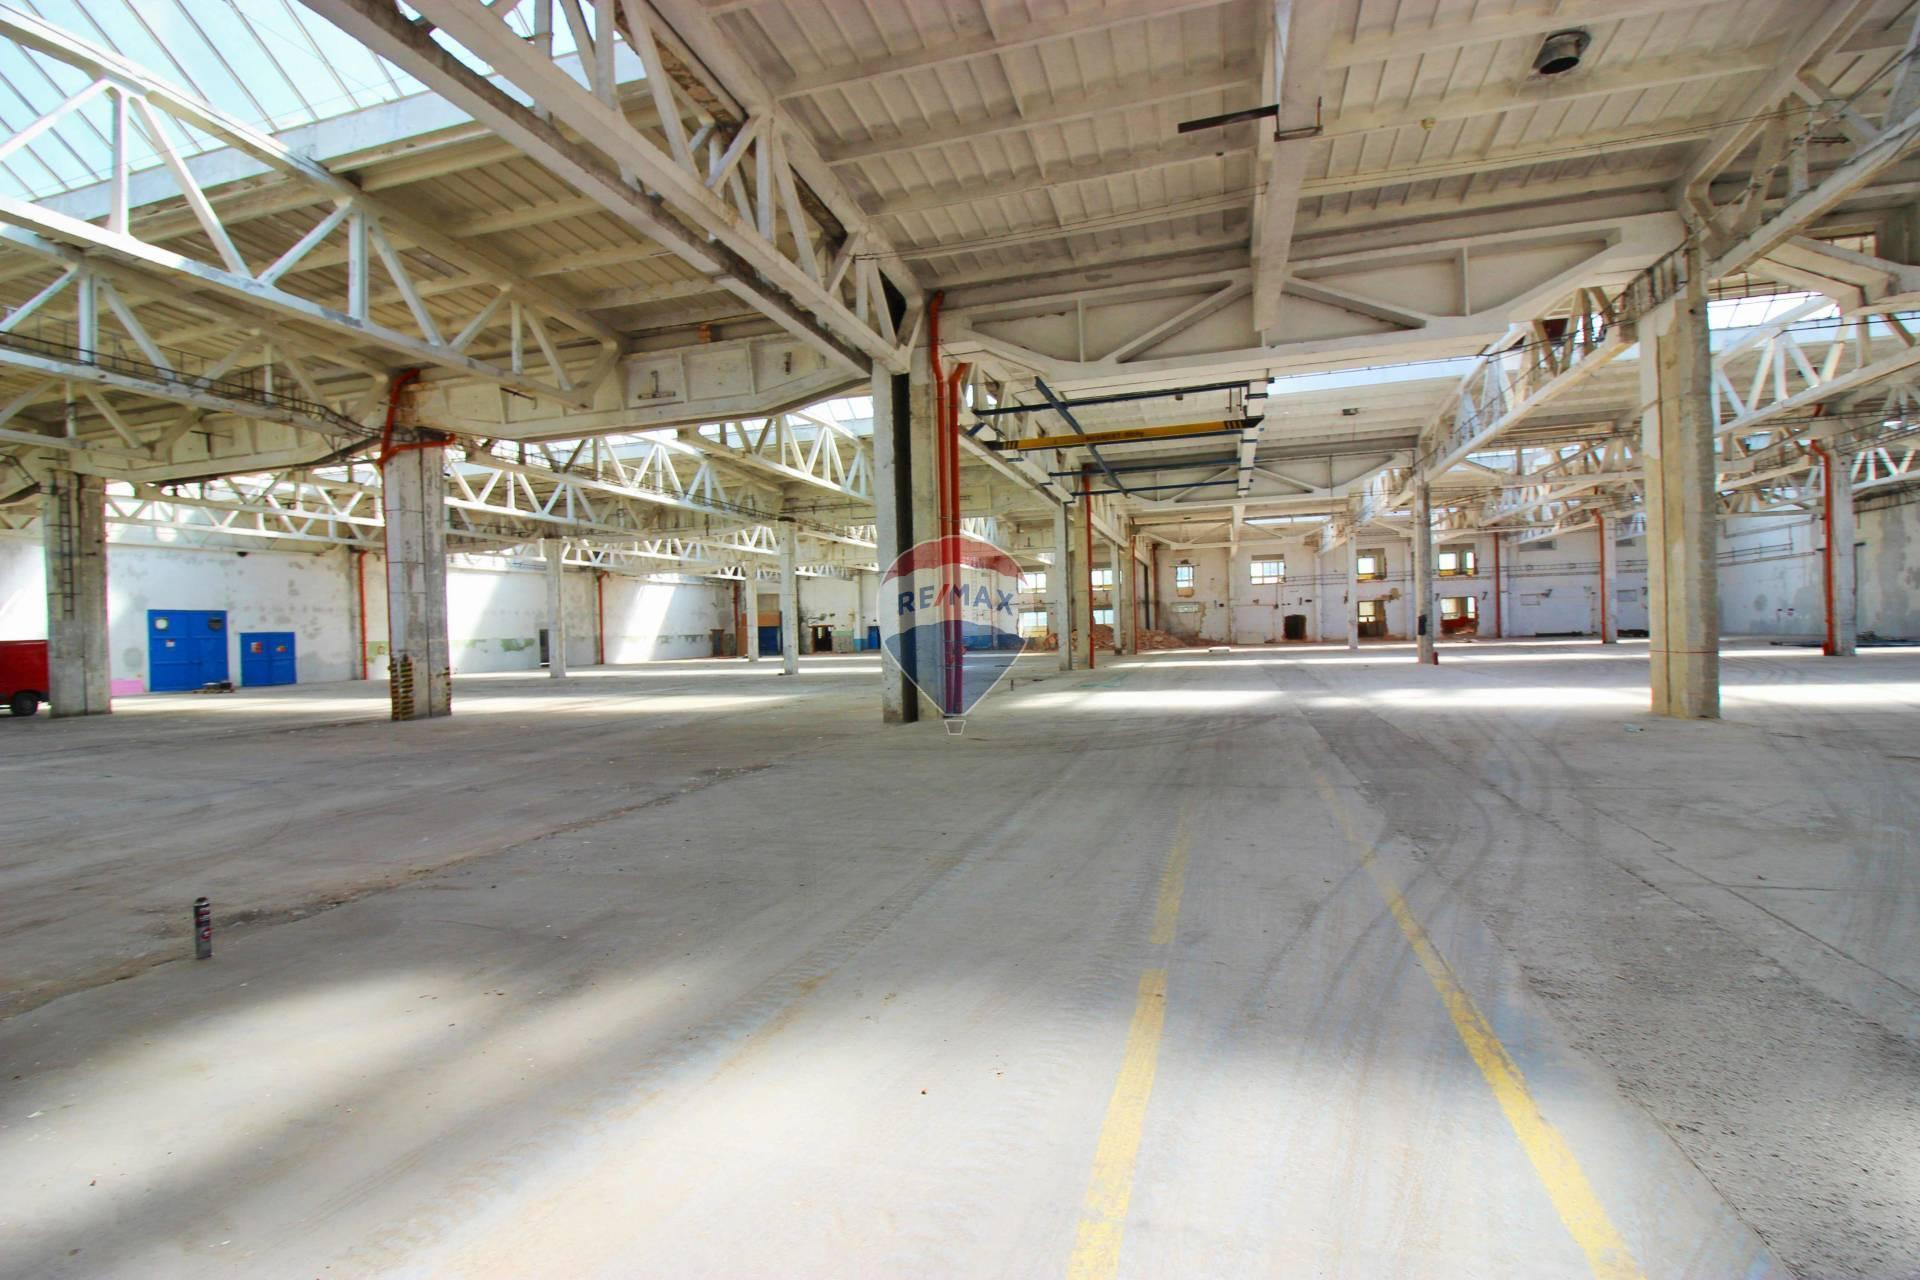 Predaj komerčného objektu 9800 m2, Nitra - PREDAJ priemyselná hala 13.310  m2 Nitra, Dolné Krškany